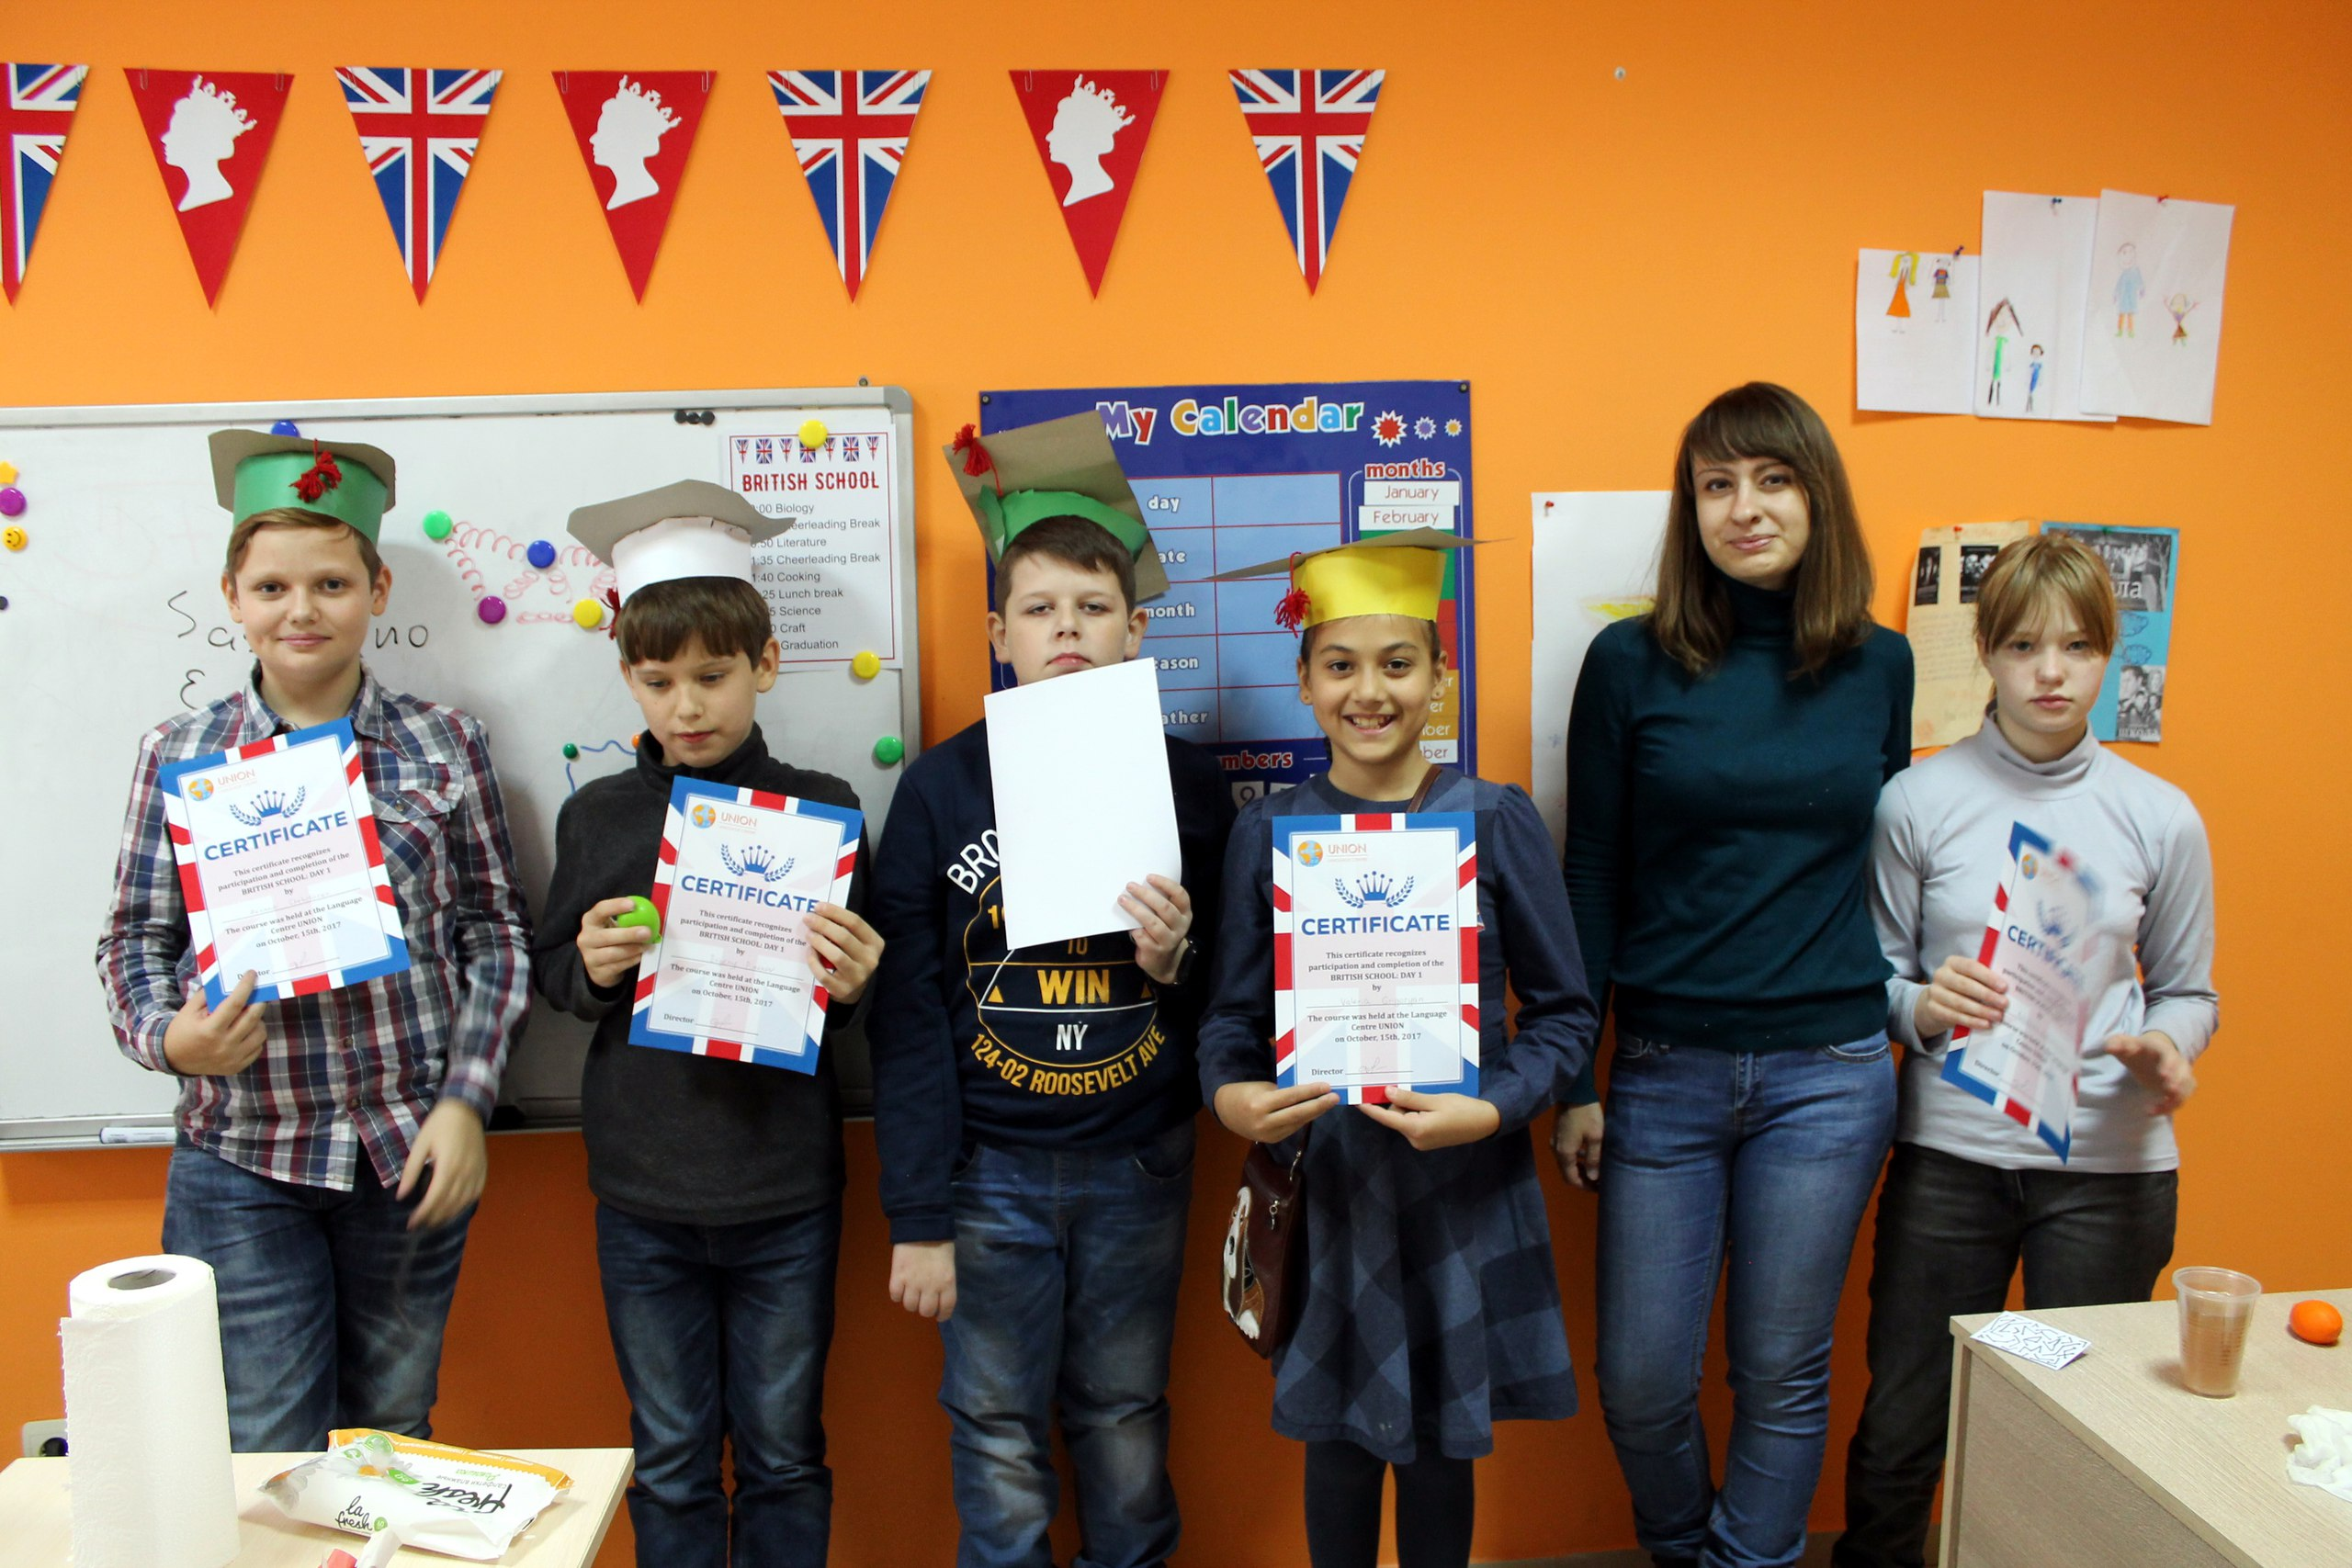 Британская школа в Курске